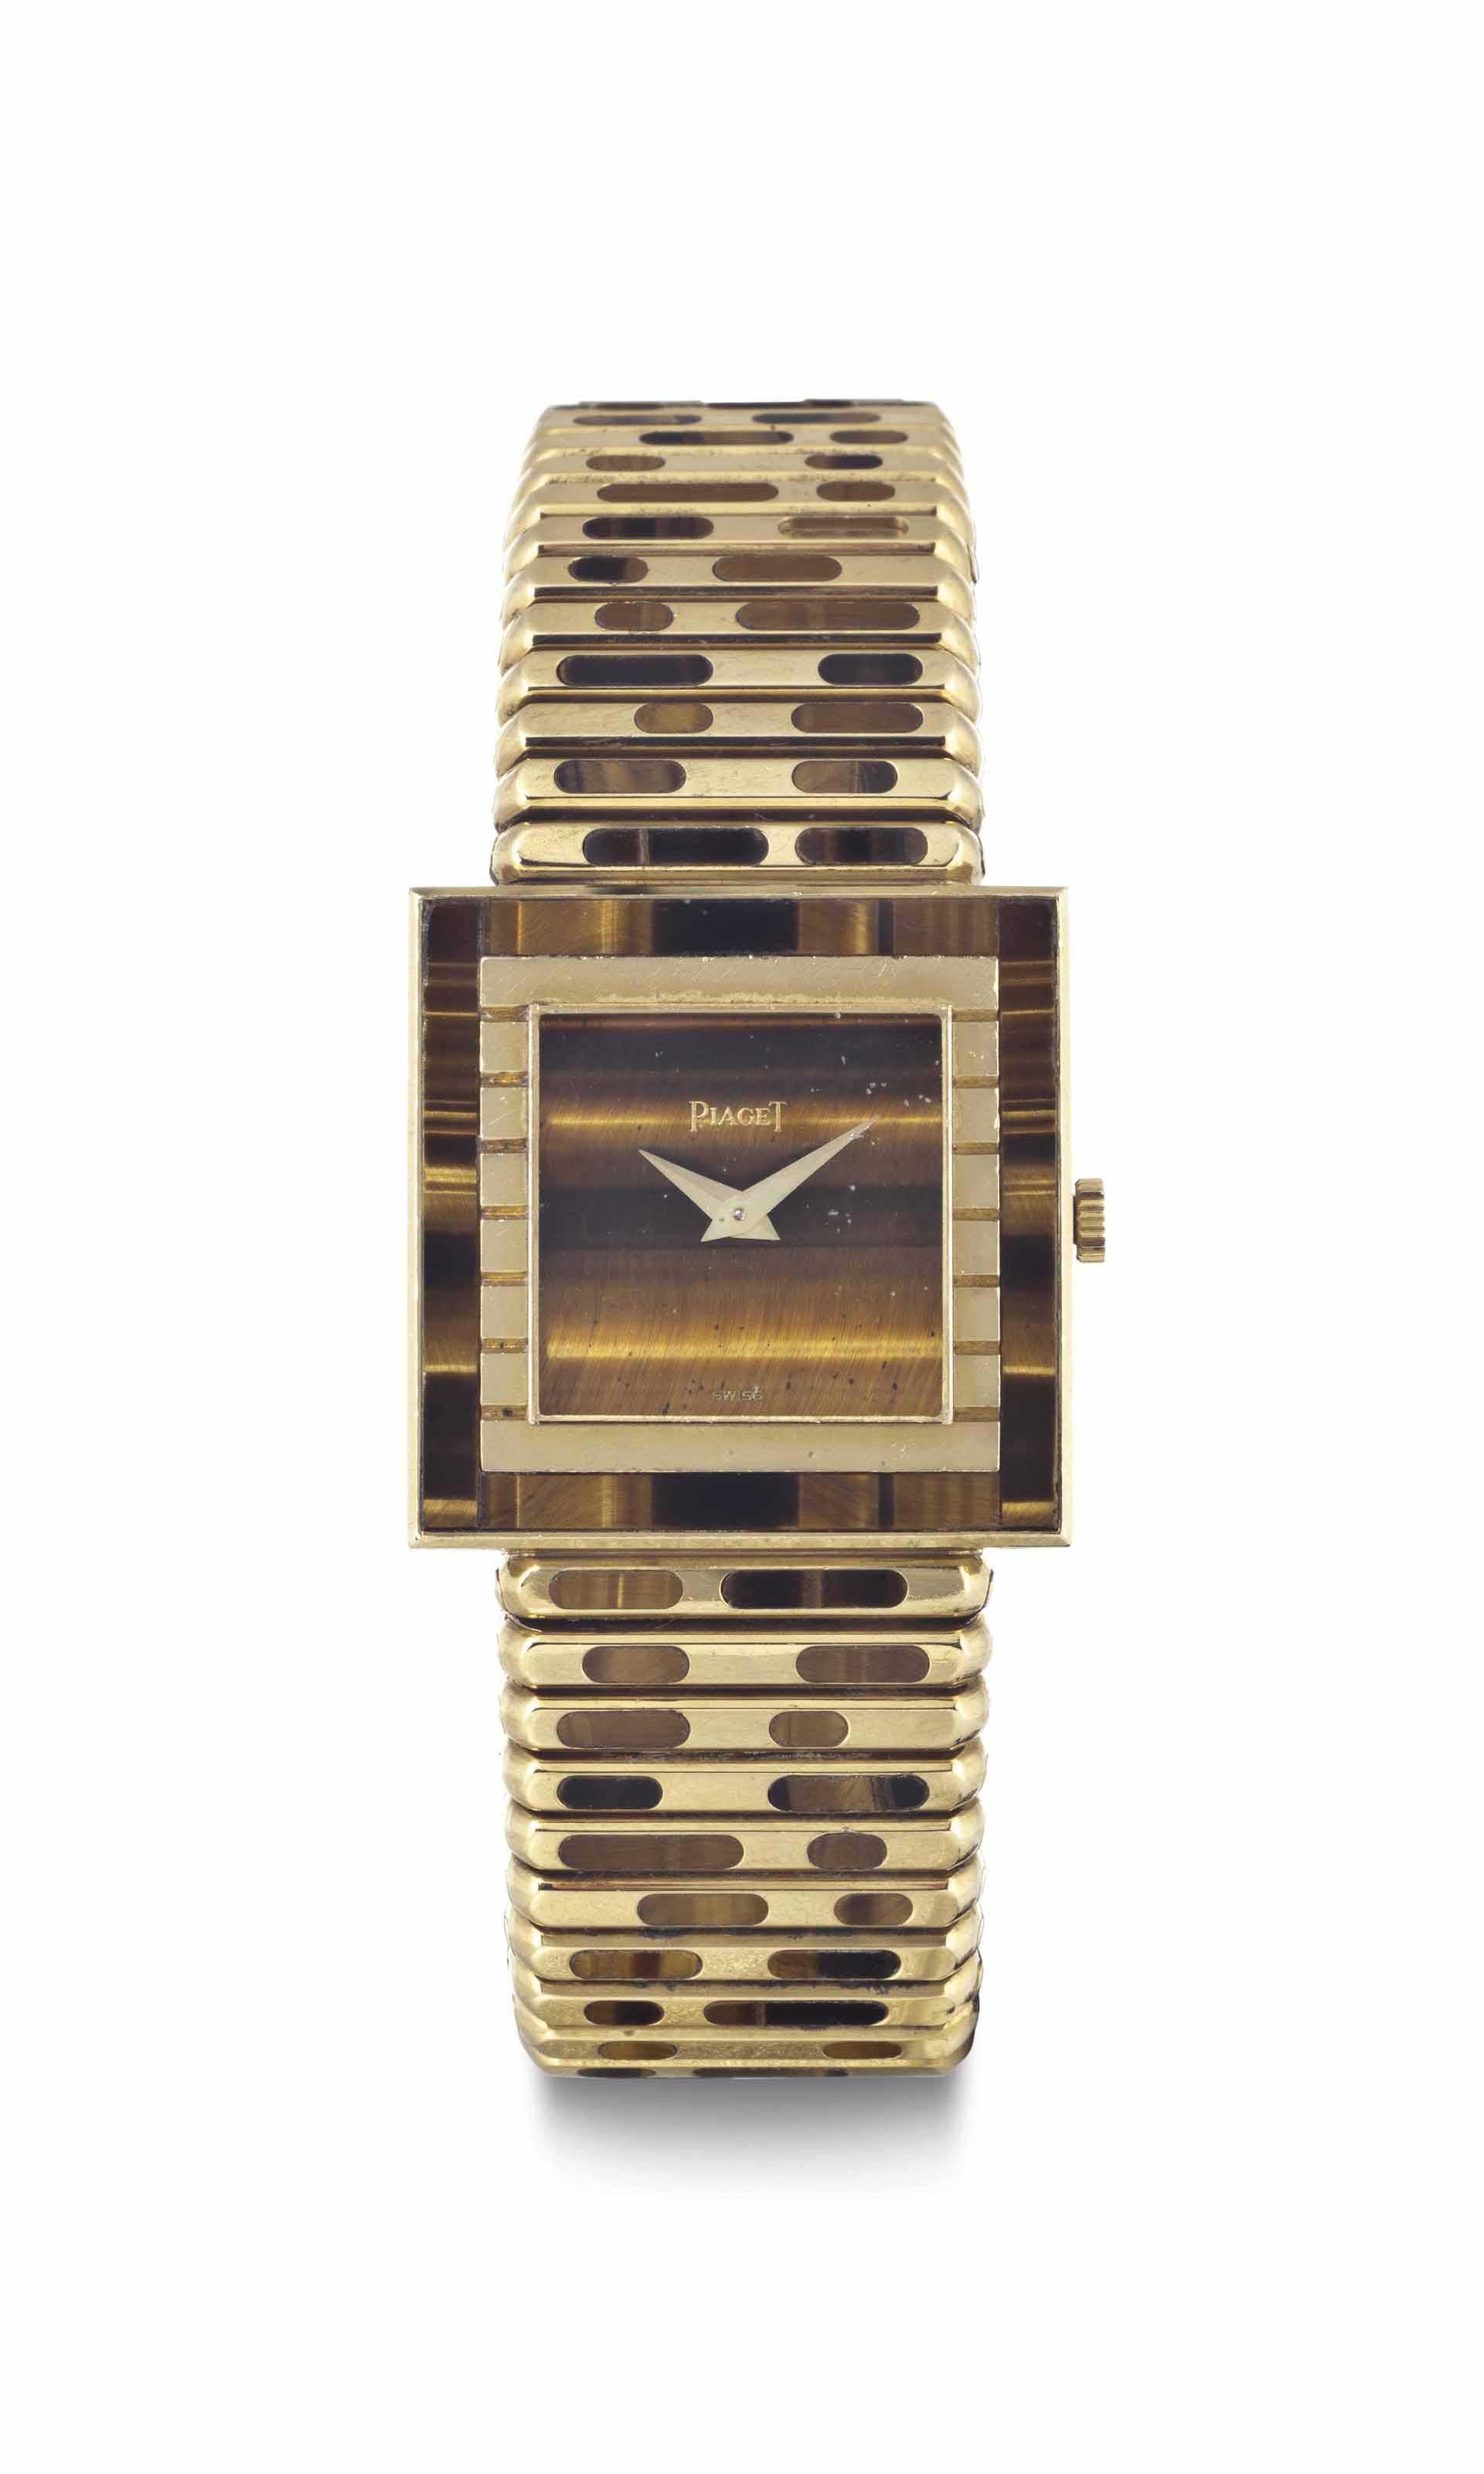 Piaget. A Rare 18k Gold Square